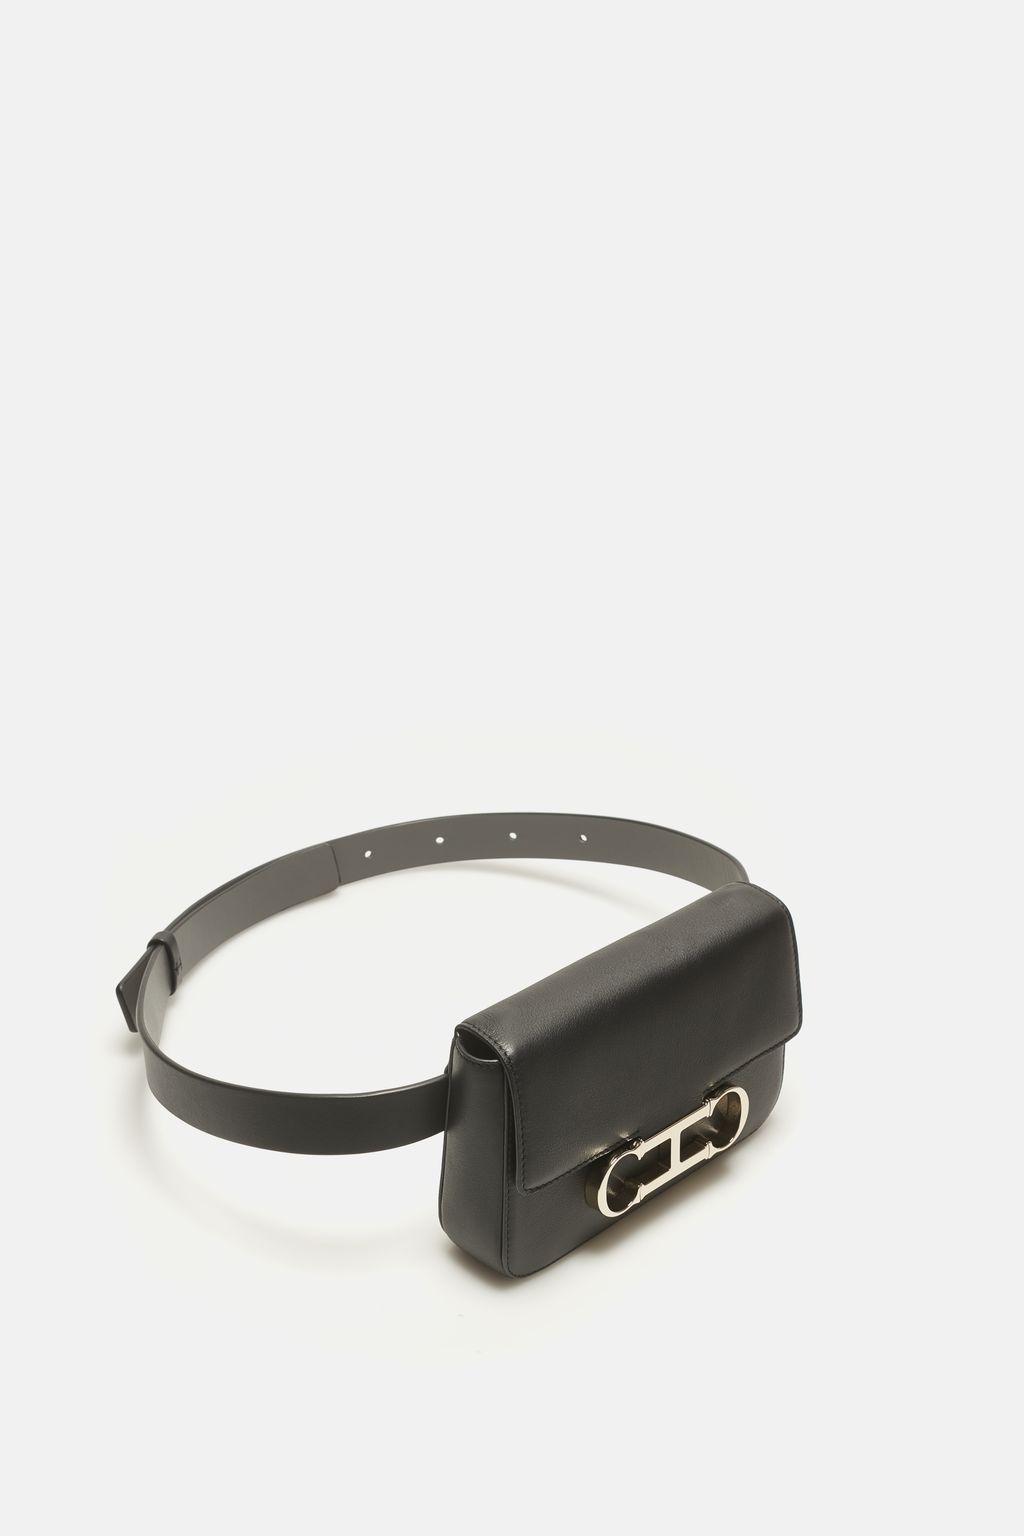 Initials Insignia | Small belt bag